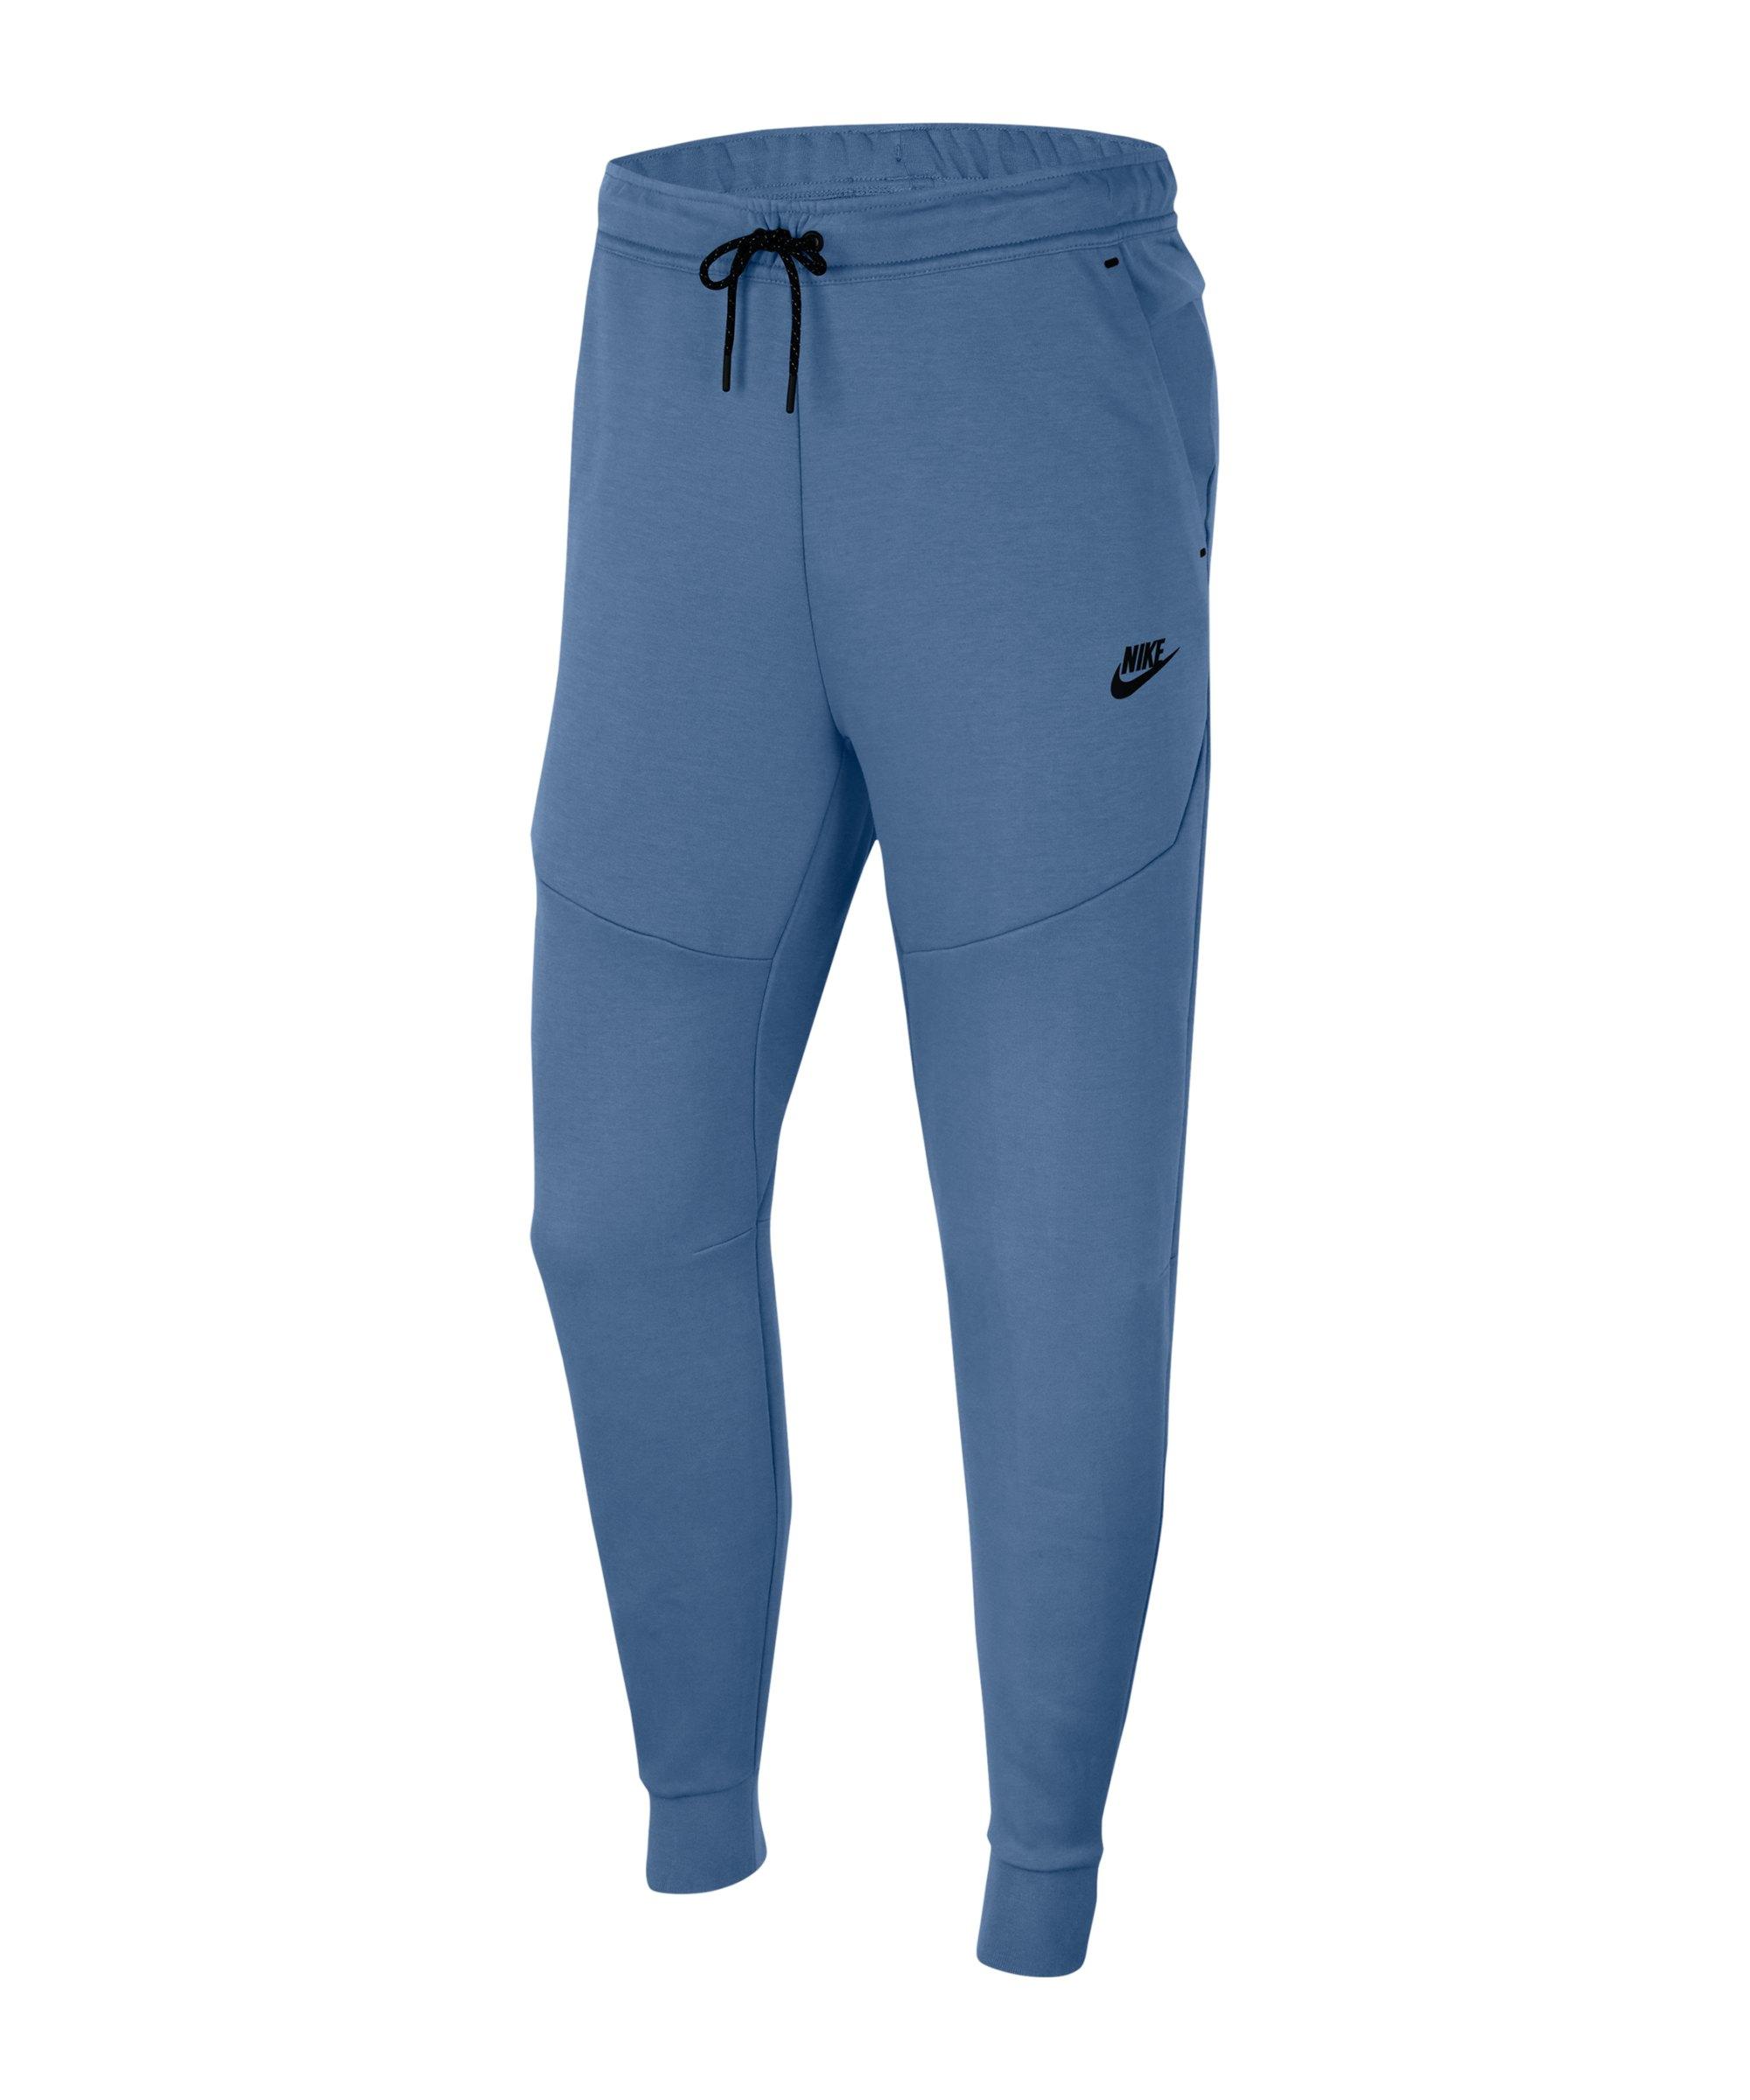 Nike Tech Fleece Jogginghose Blau F442 - blau